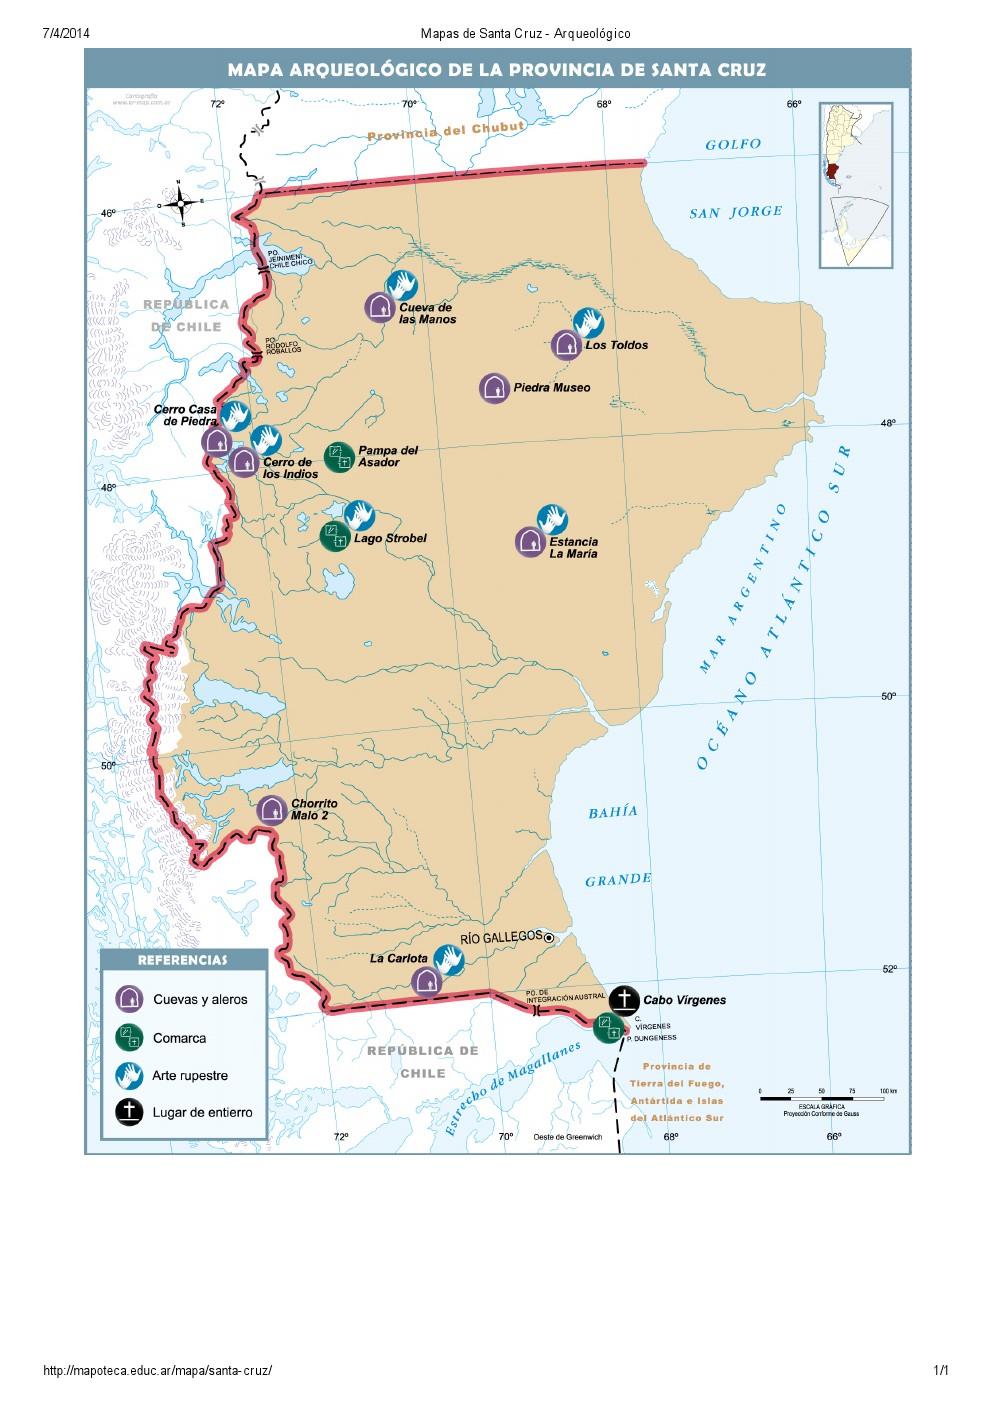 Mapa arqueológico de Santa Cruz. Mapoteca de Educ.ar